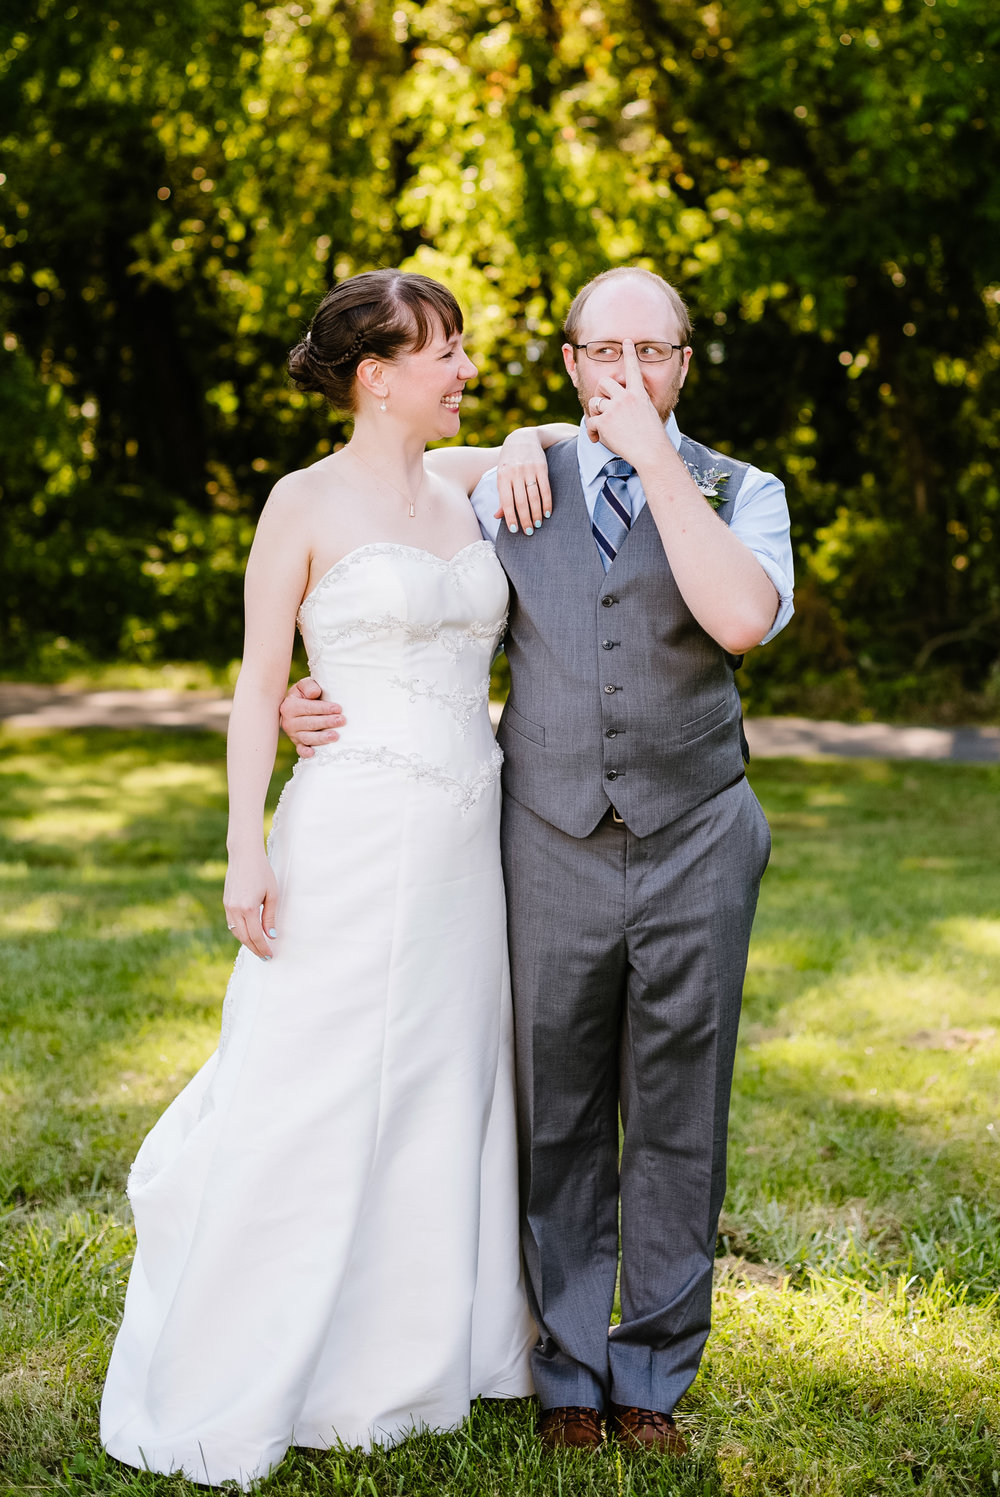 VA-nerd-groom-down-home-portrait.jpg